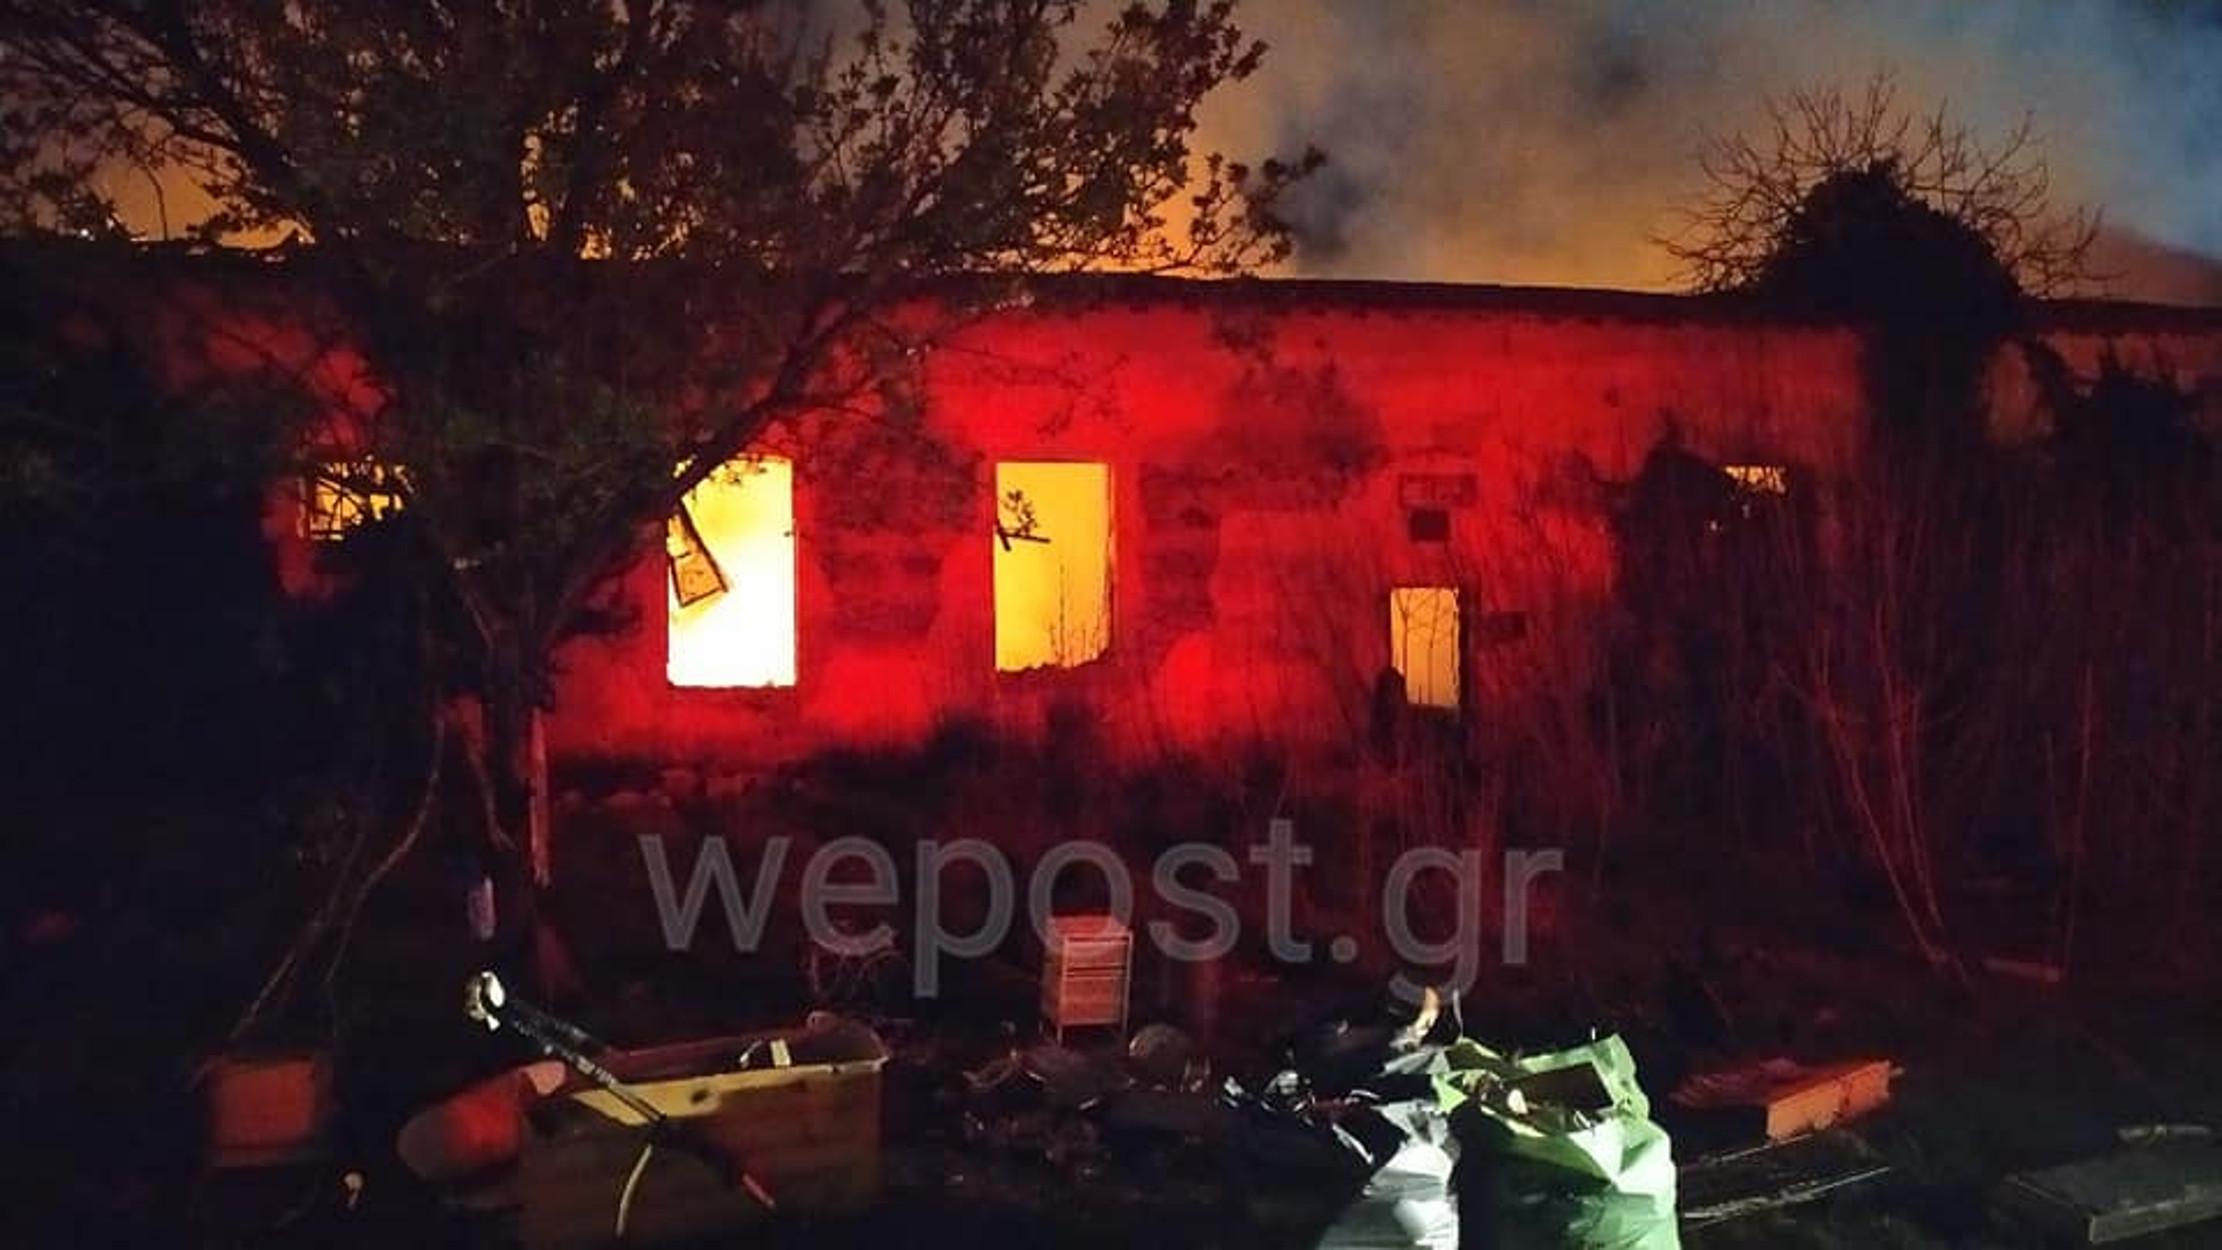 Μεγάλη φωτιά στην Καλαμαριά! Στις φλόγες το στρατόπεδο Κόδρα (pics, video)